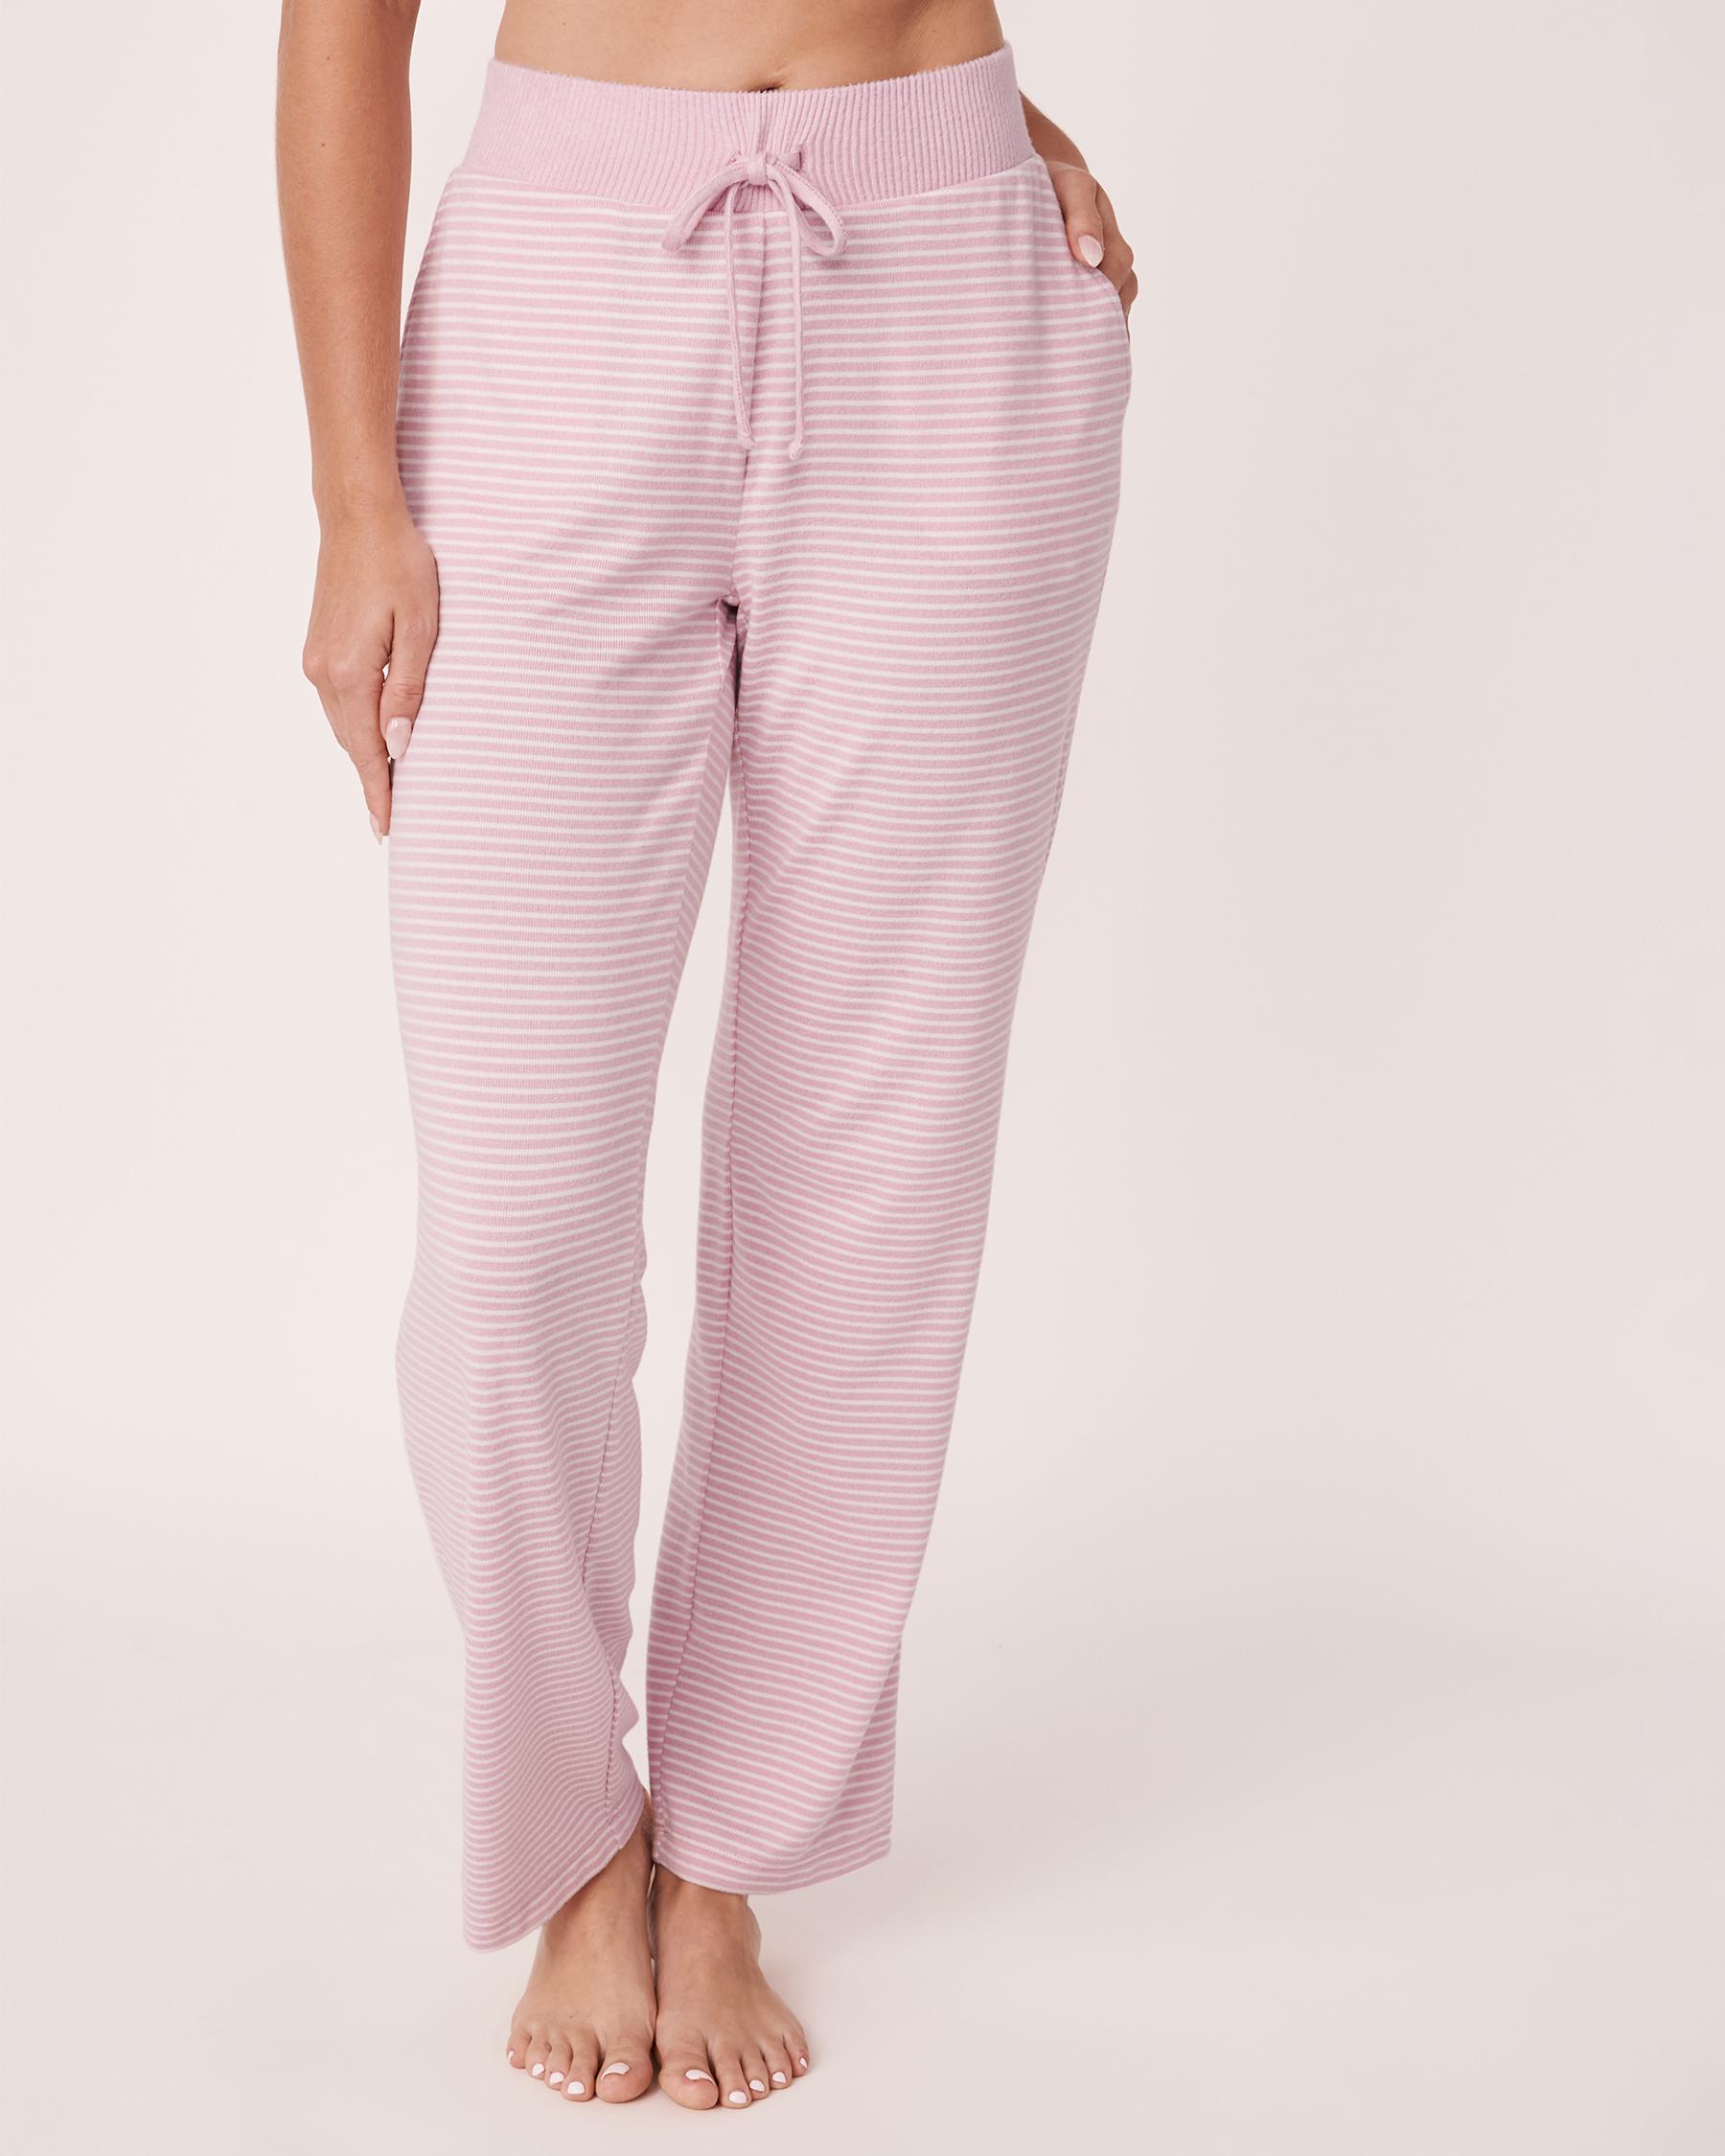 LA VIE EN ROSE Pantalon jambe droite en fibres recyclées Rayures multiples 40200134 - Voir1